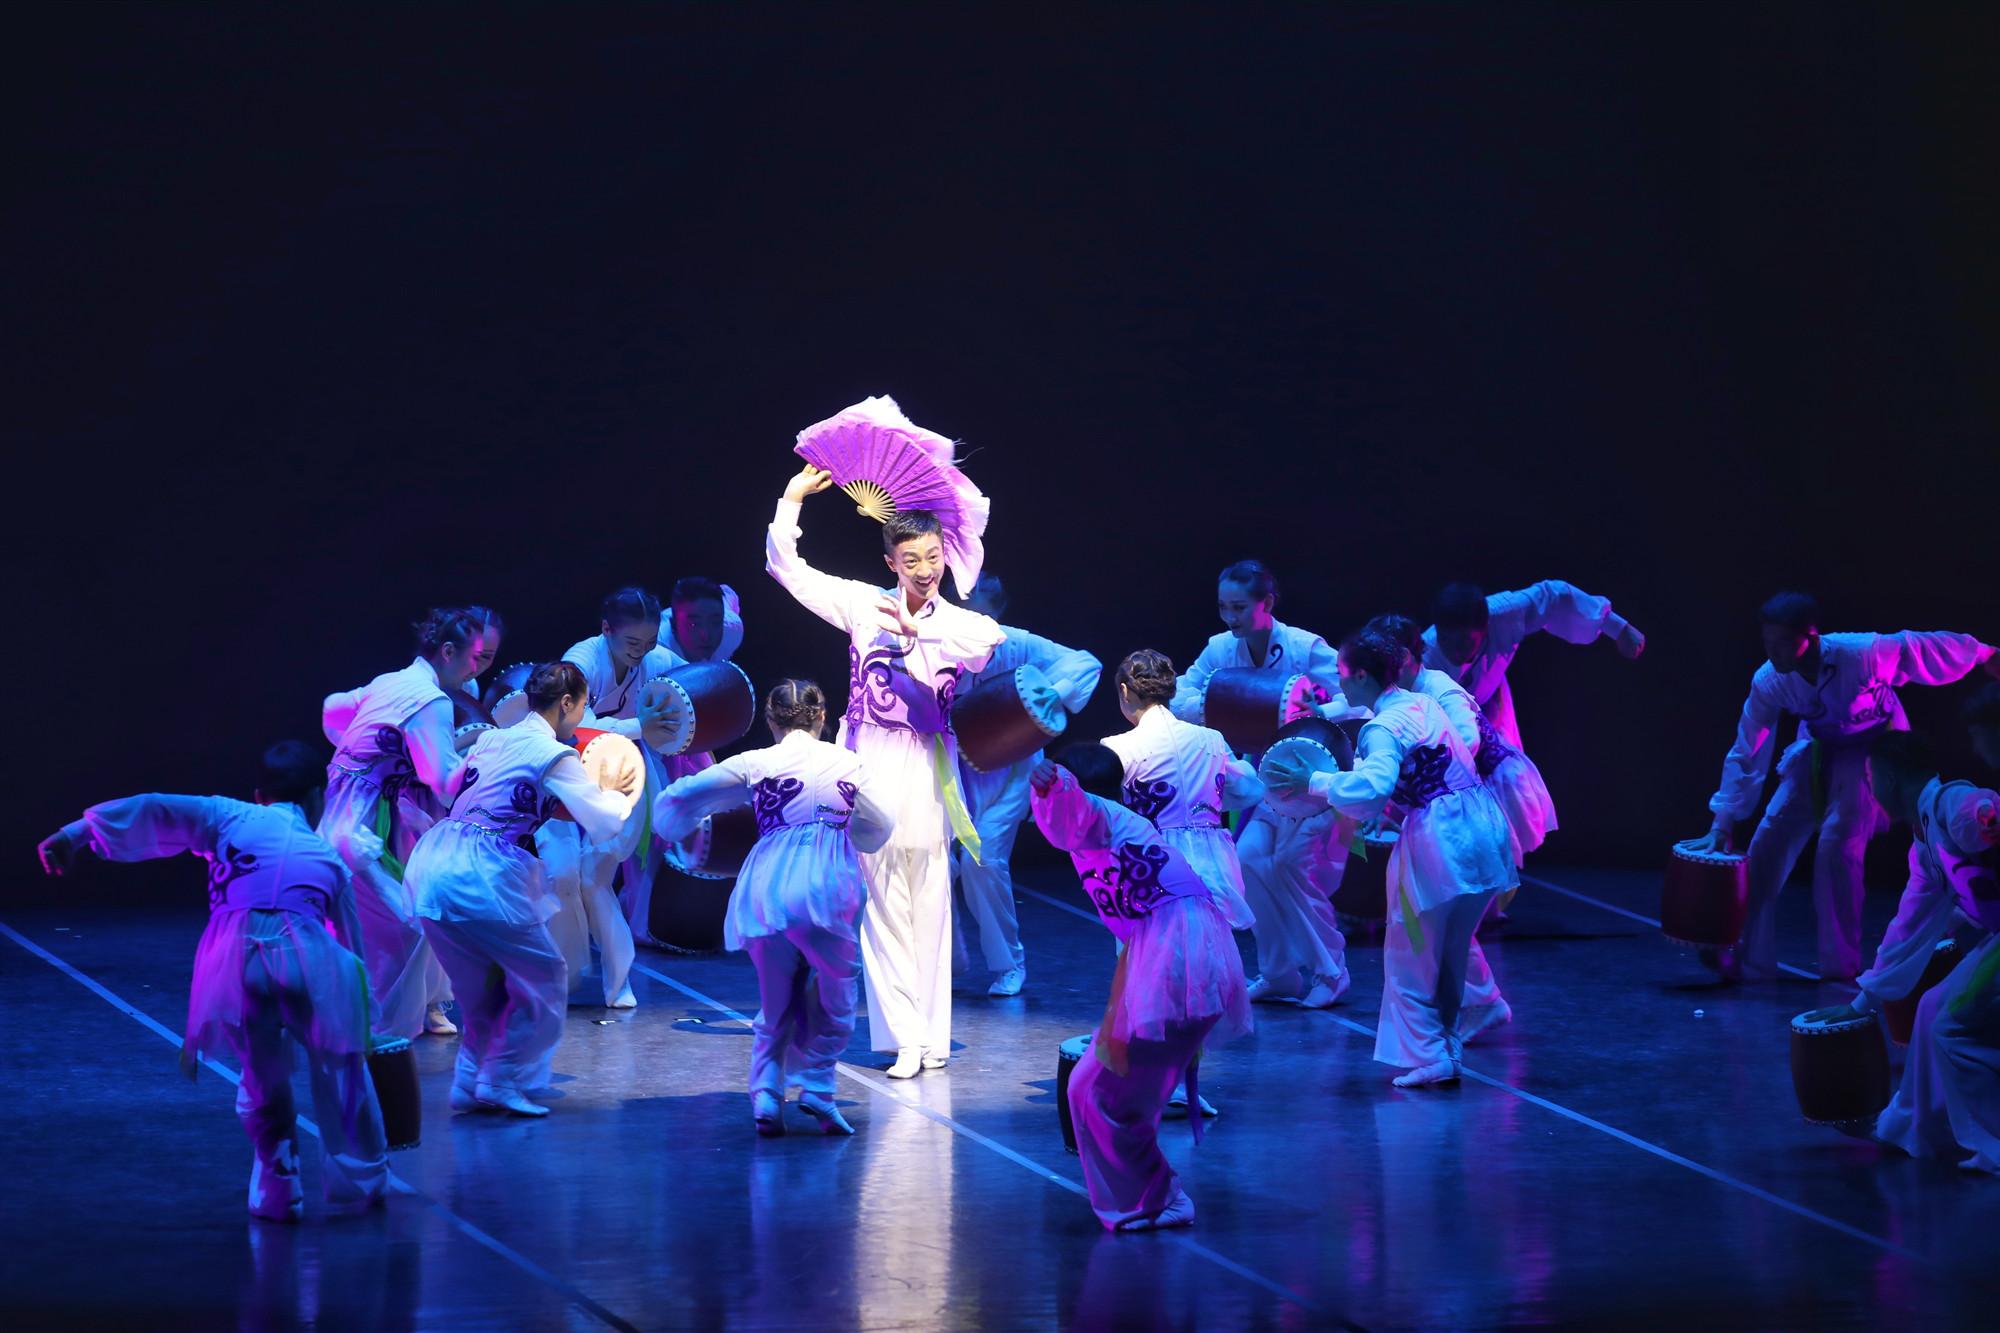 安徽省花鼓灯歌舞剧院有限公司《远去的兰花爷爷》_副本.jpg